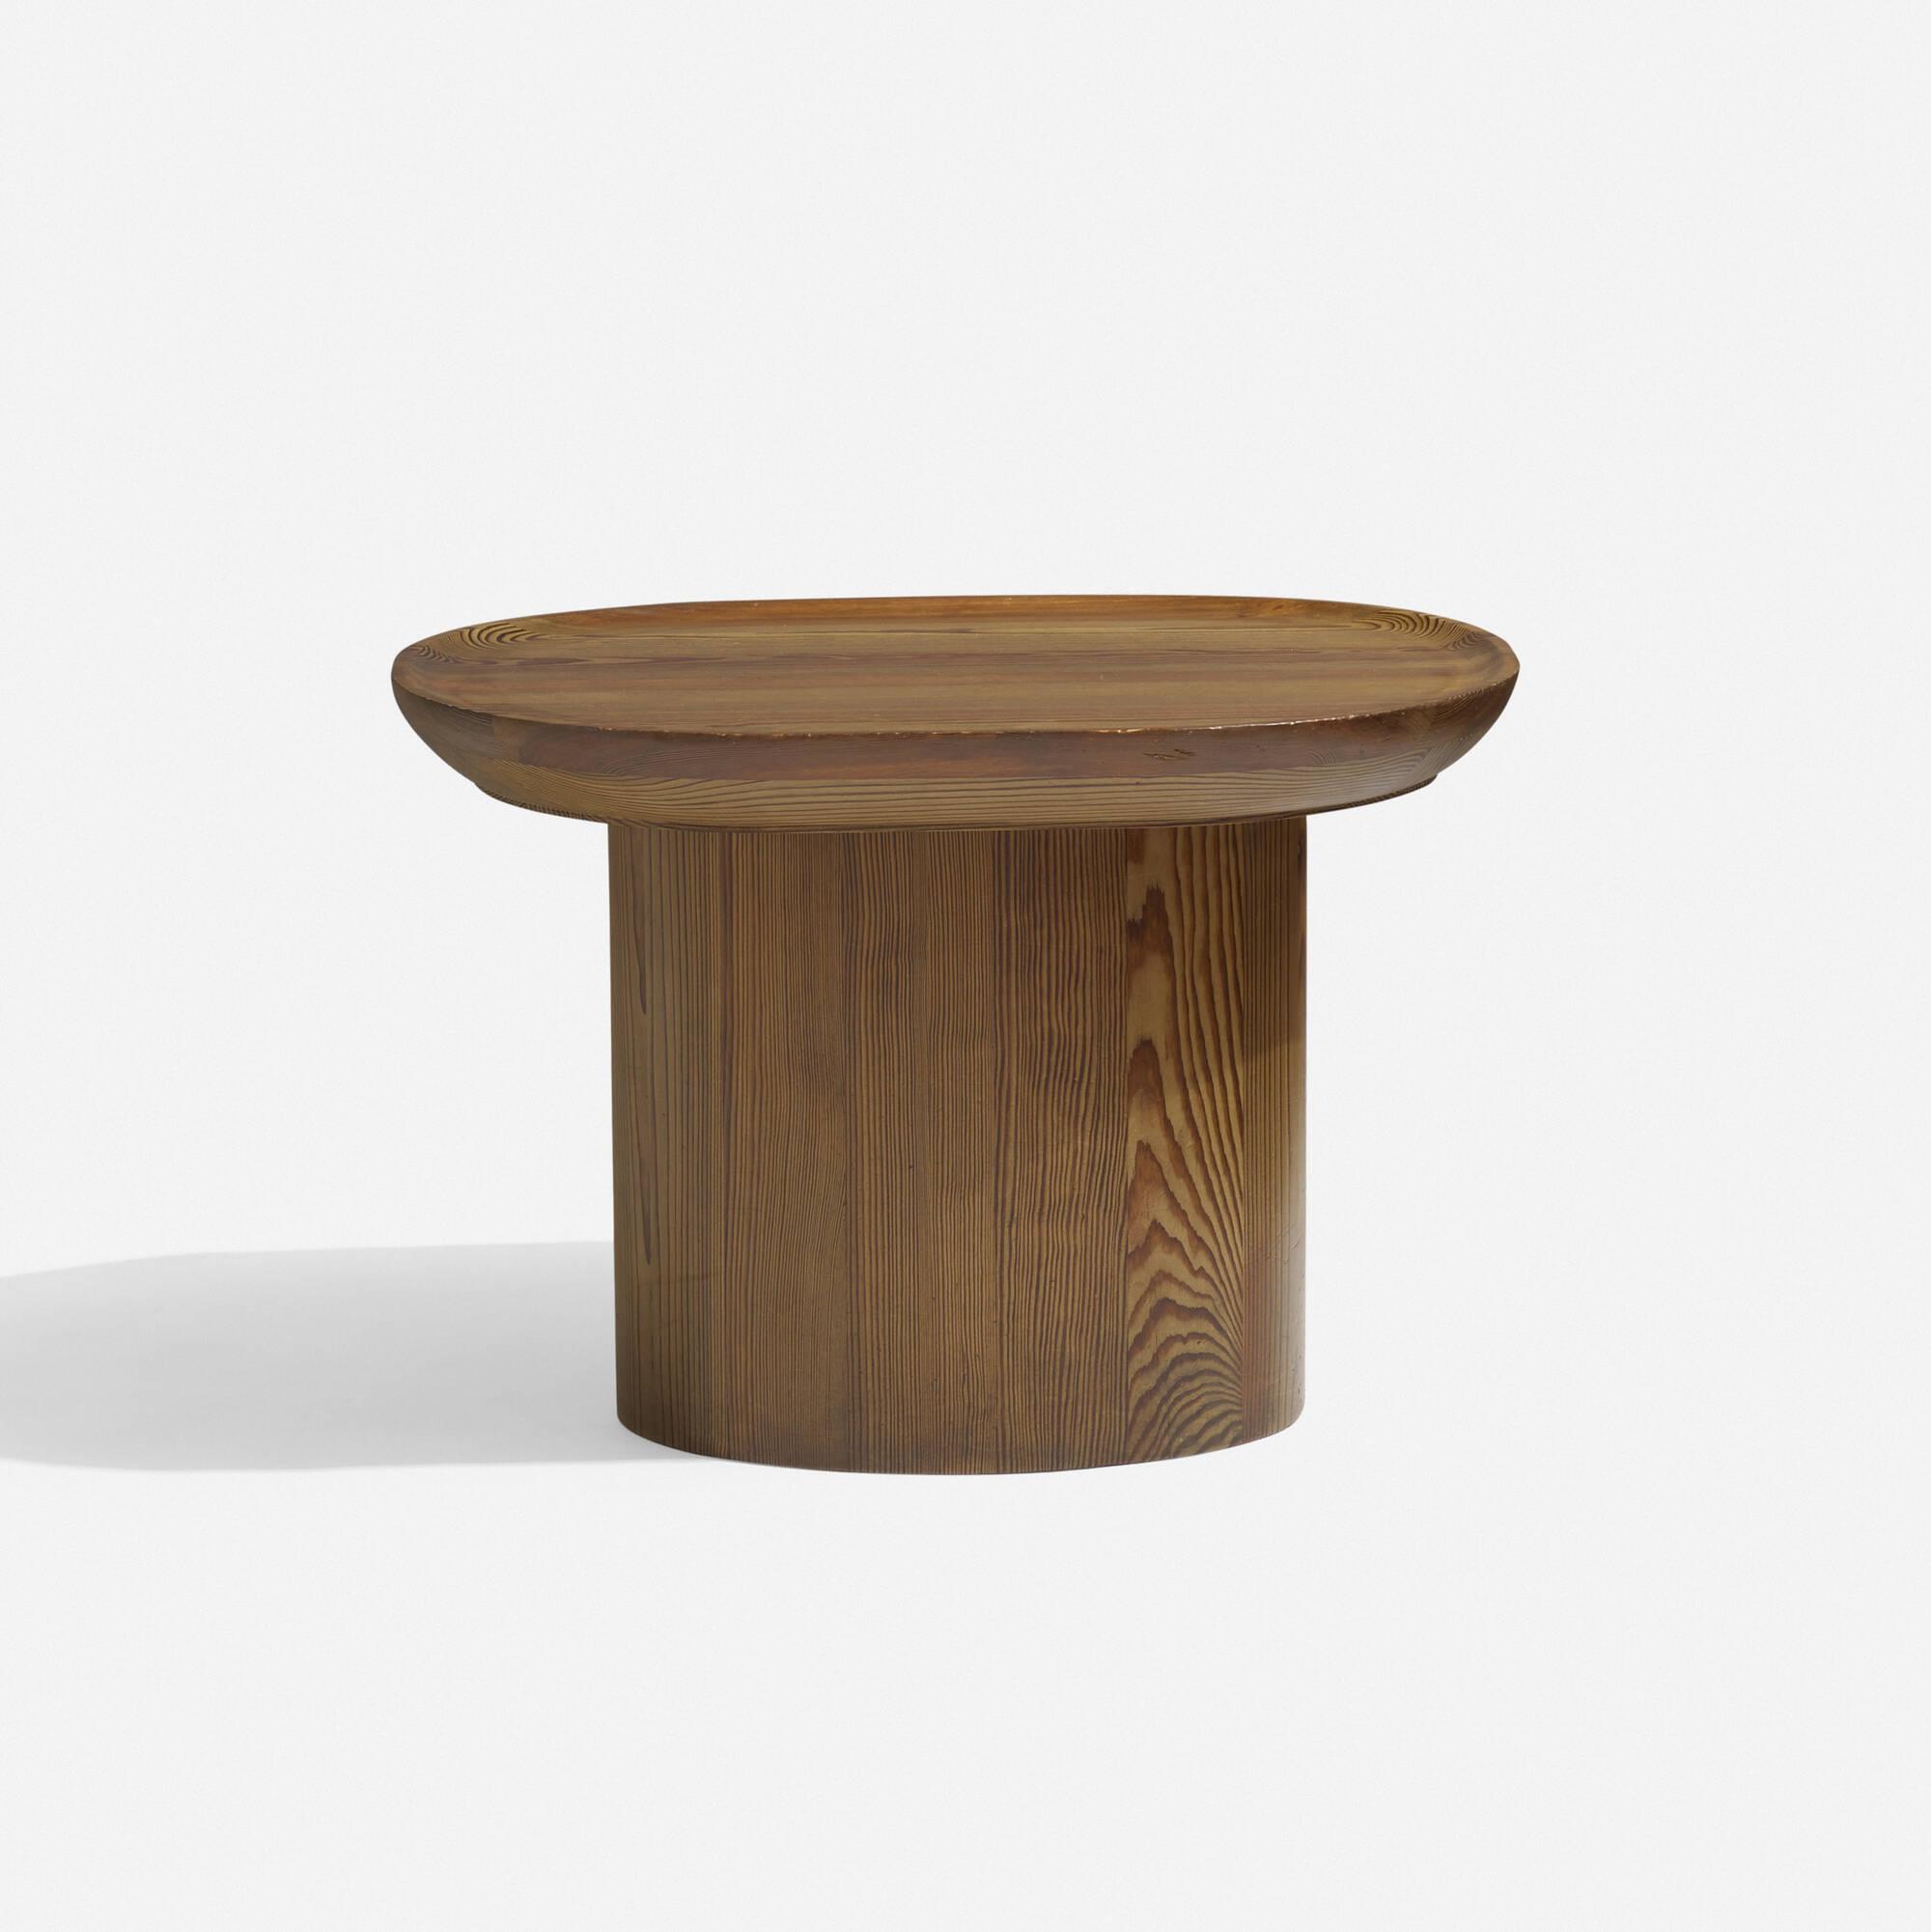 263: Axel Einar Hjorth / Utö table (2 of 4)